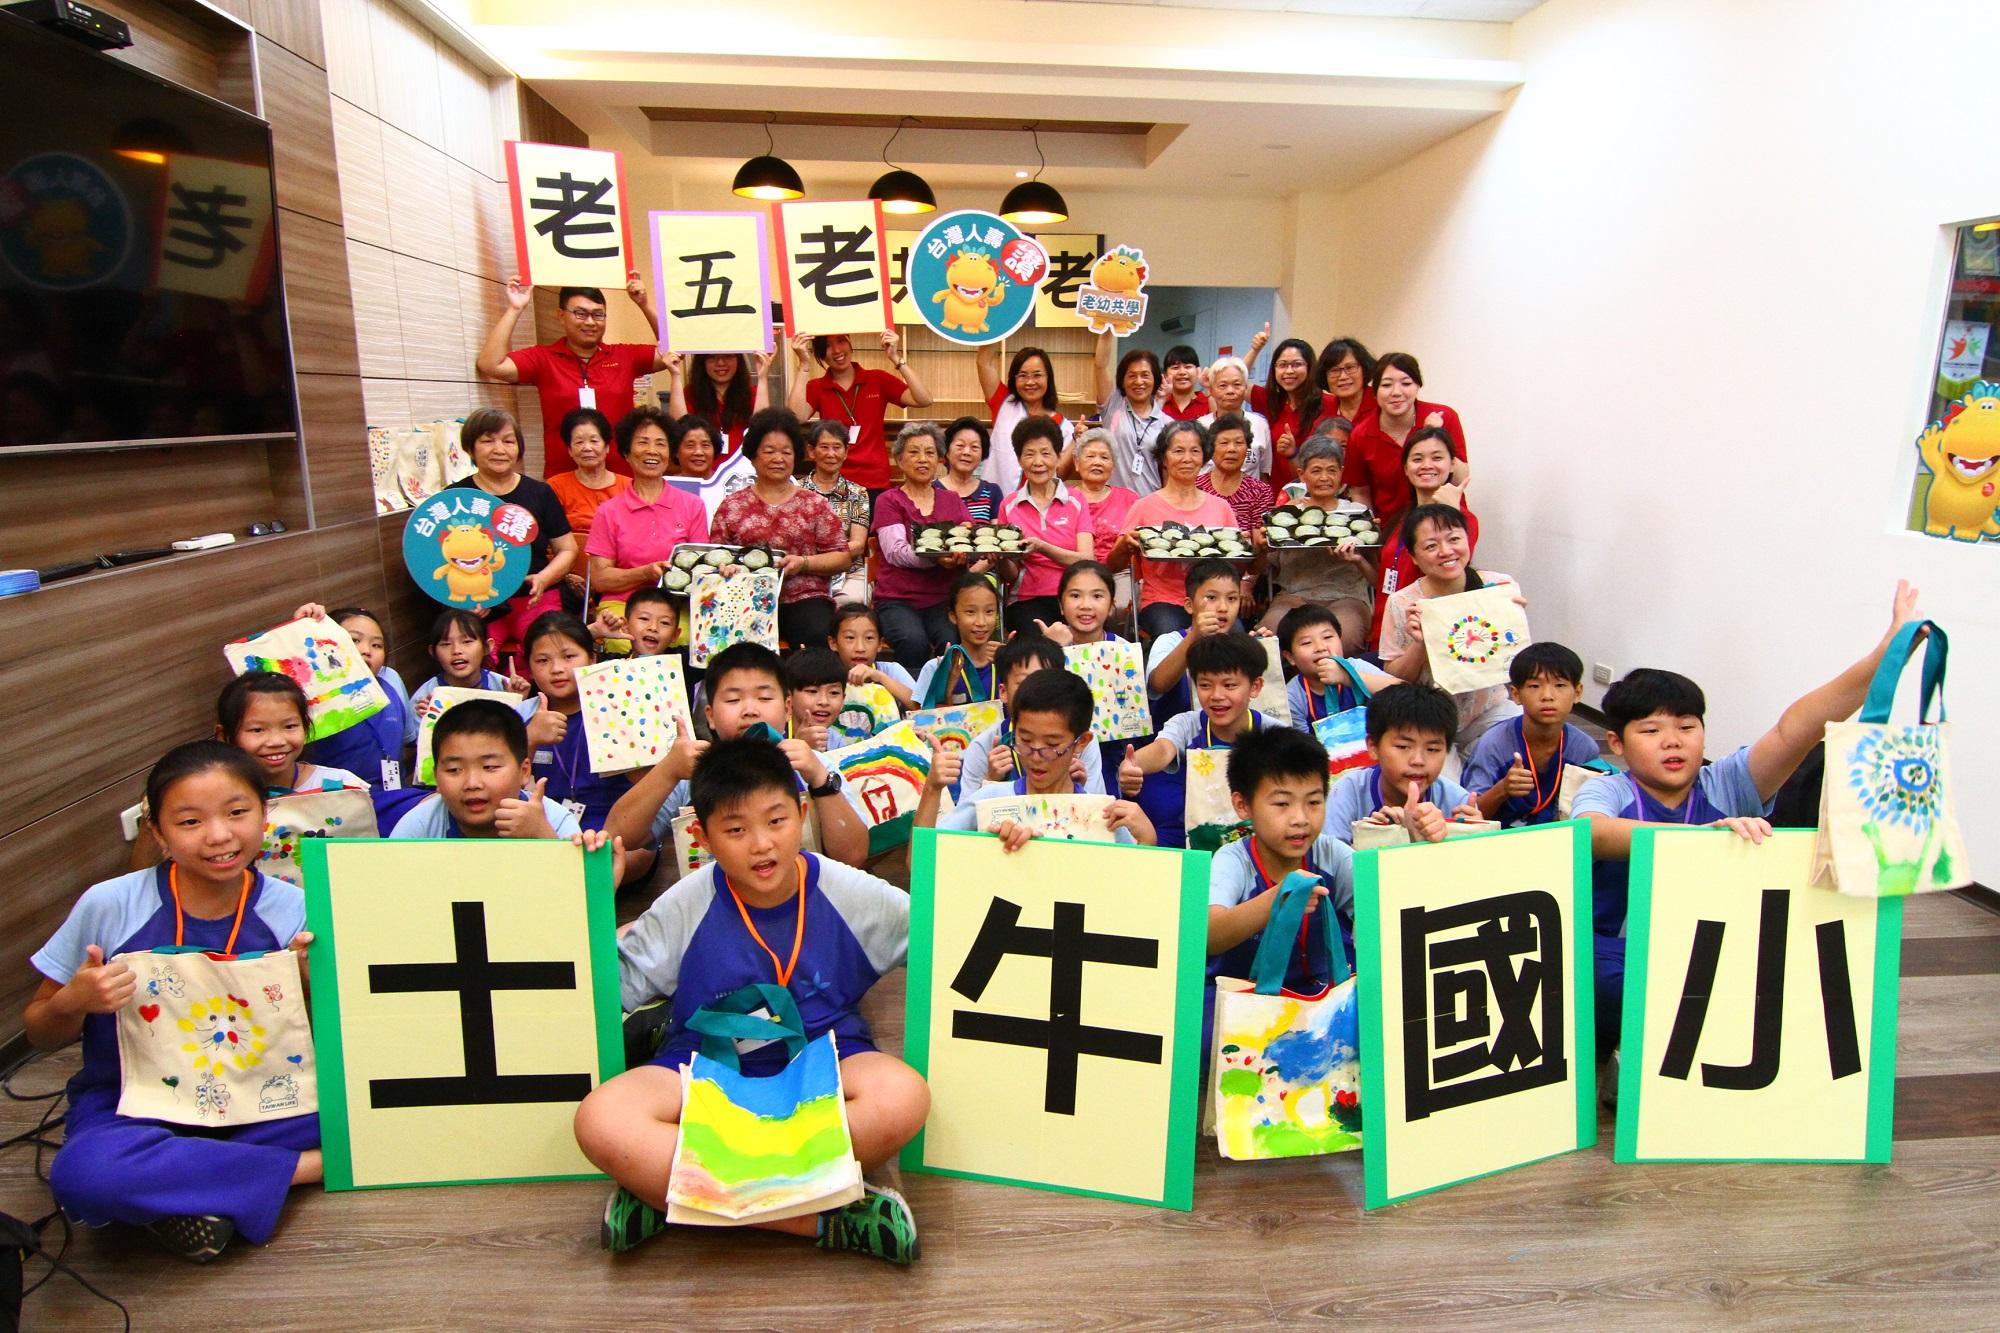 台灣人壽攜手老五老舉辦「米食飄香 傳承好味道」老幼共學活動,石岡當地阿嬤們和土牛國小學童共同完成艾粄及布包彩繪,體現老幼共融的精神。/台灣人壽提供